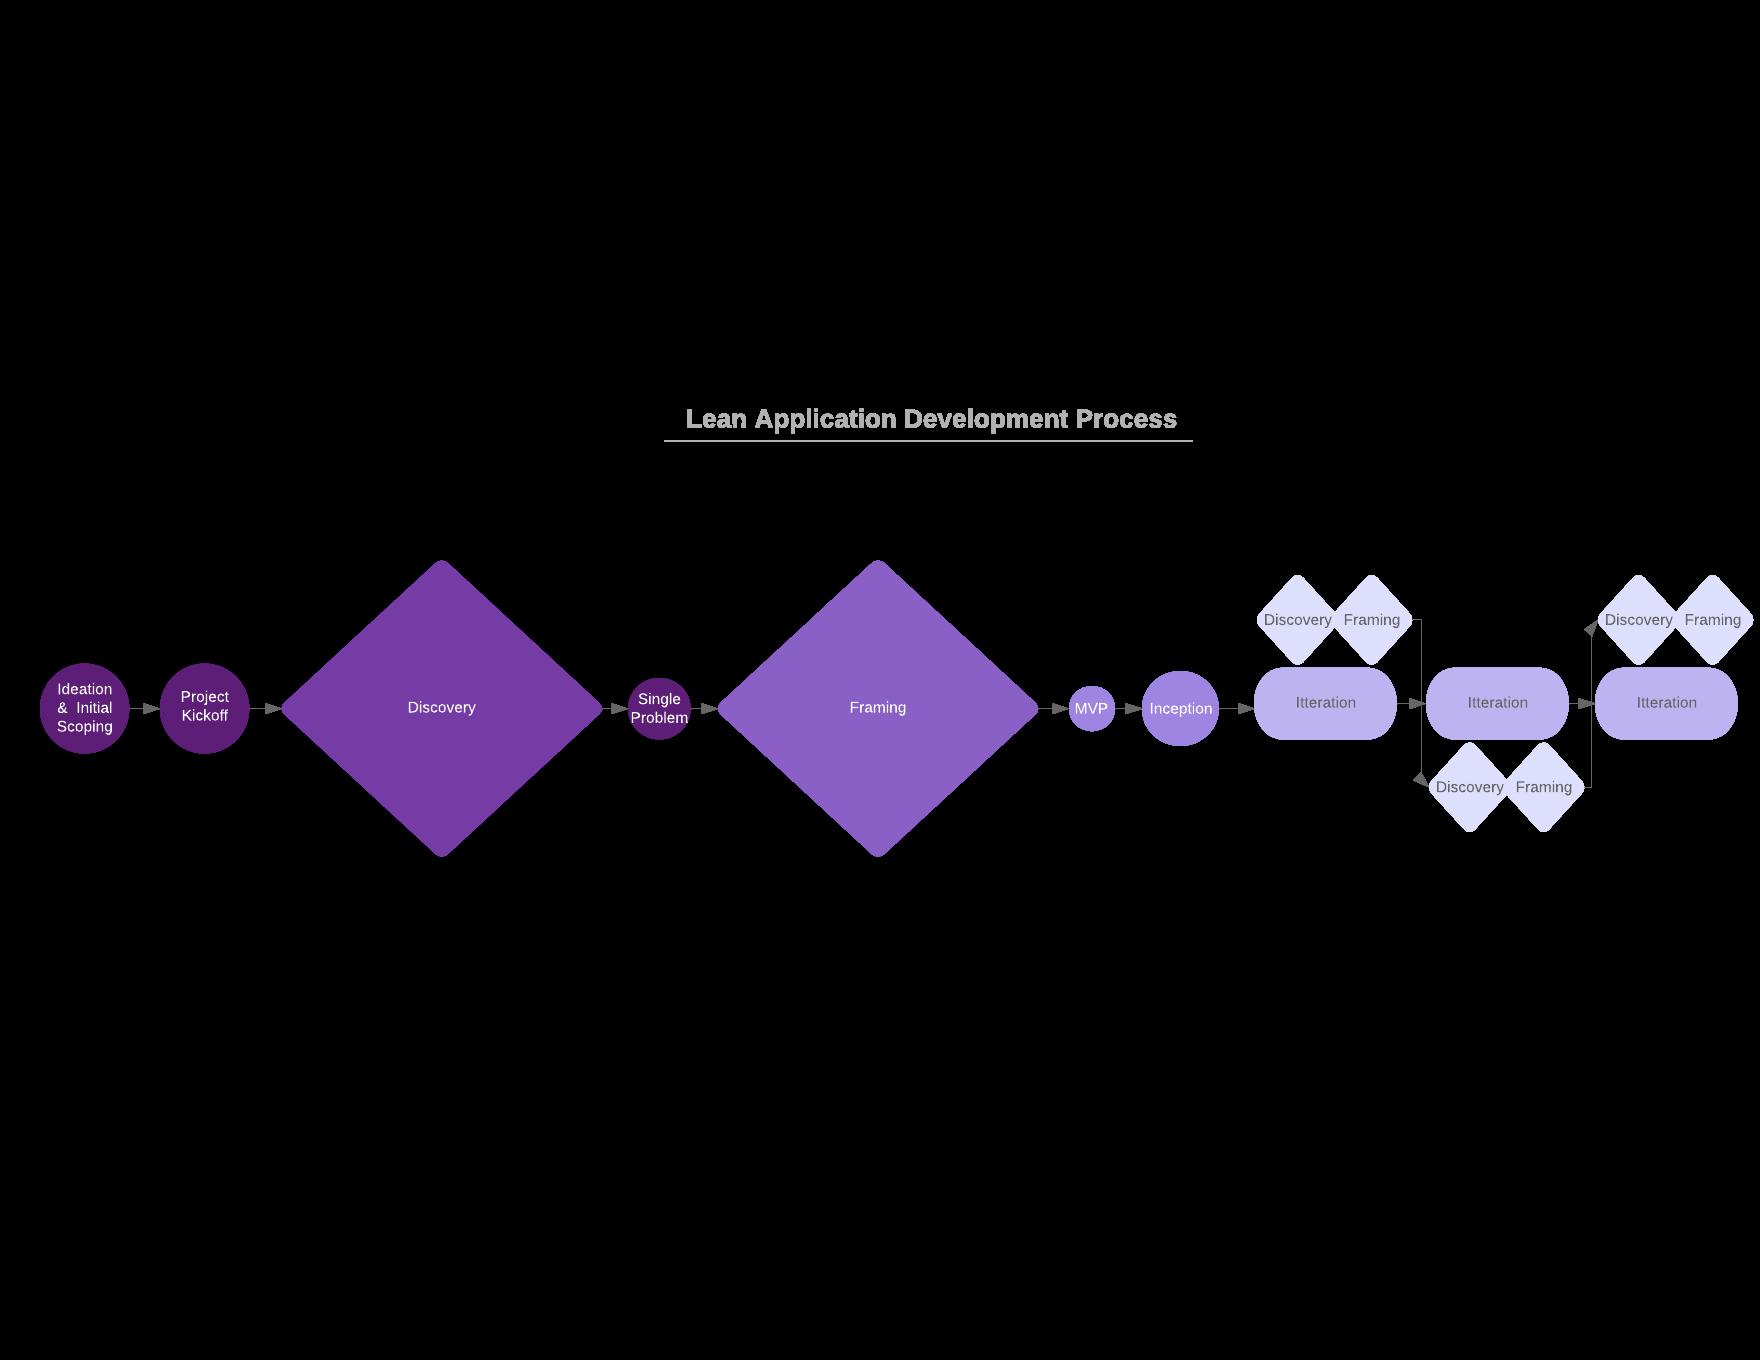 Lean Application Development Model